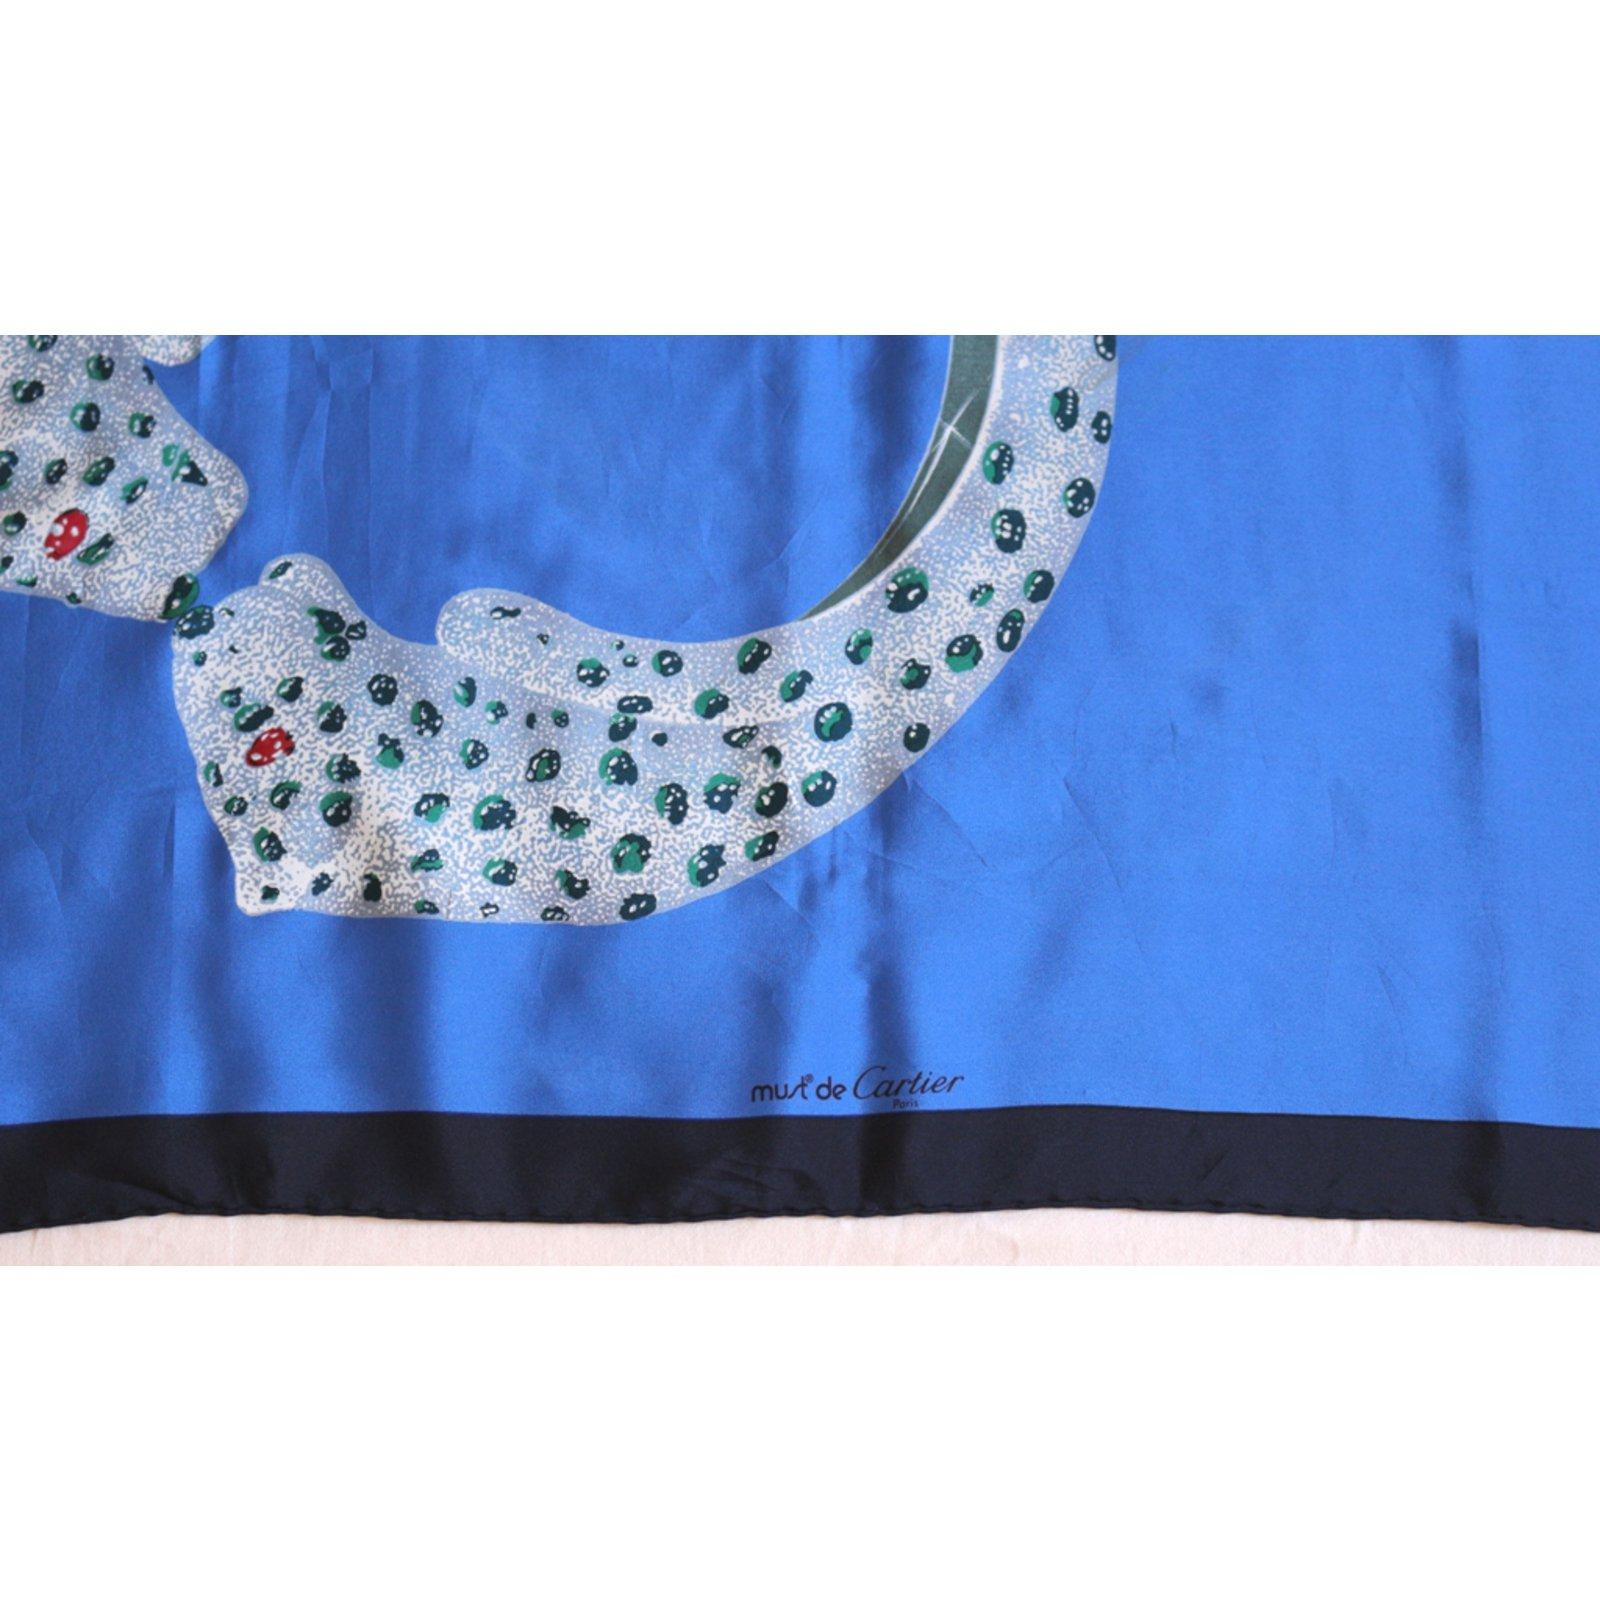 f92f69900f7 Foulards Cartier Foulard Must de Cartier Soie Bleu ref.67646 - Joli Closet